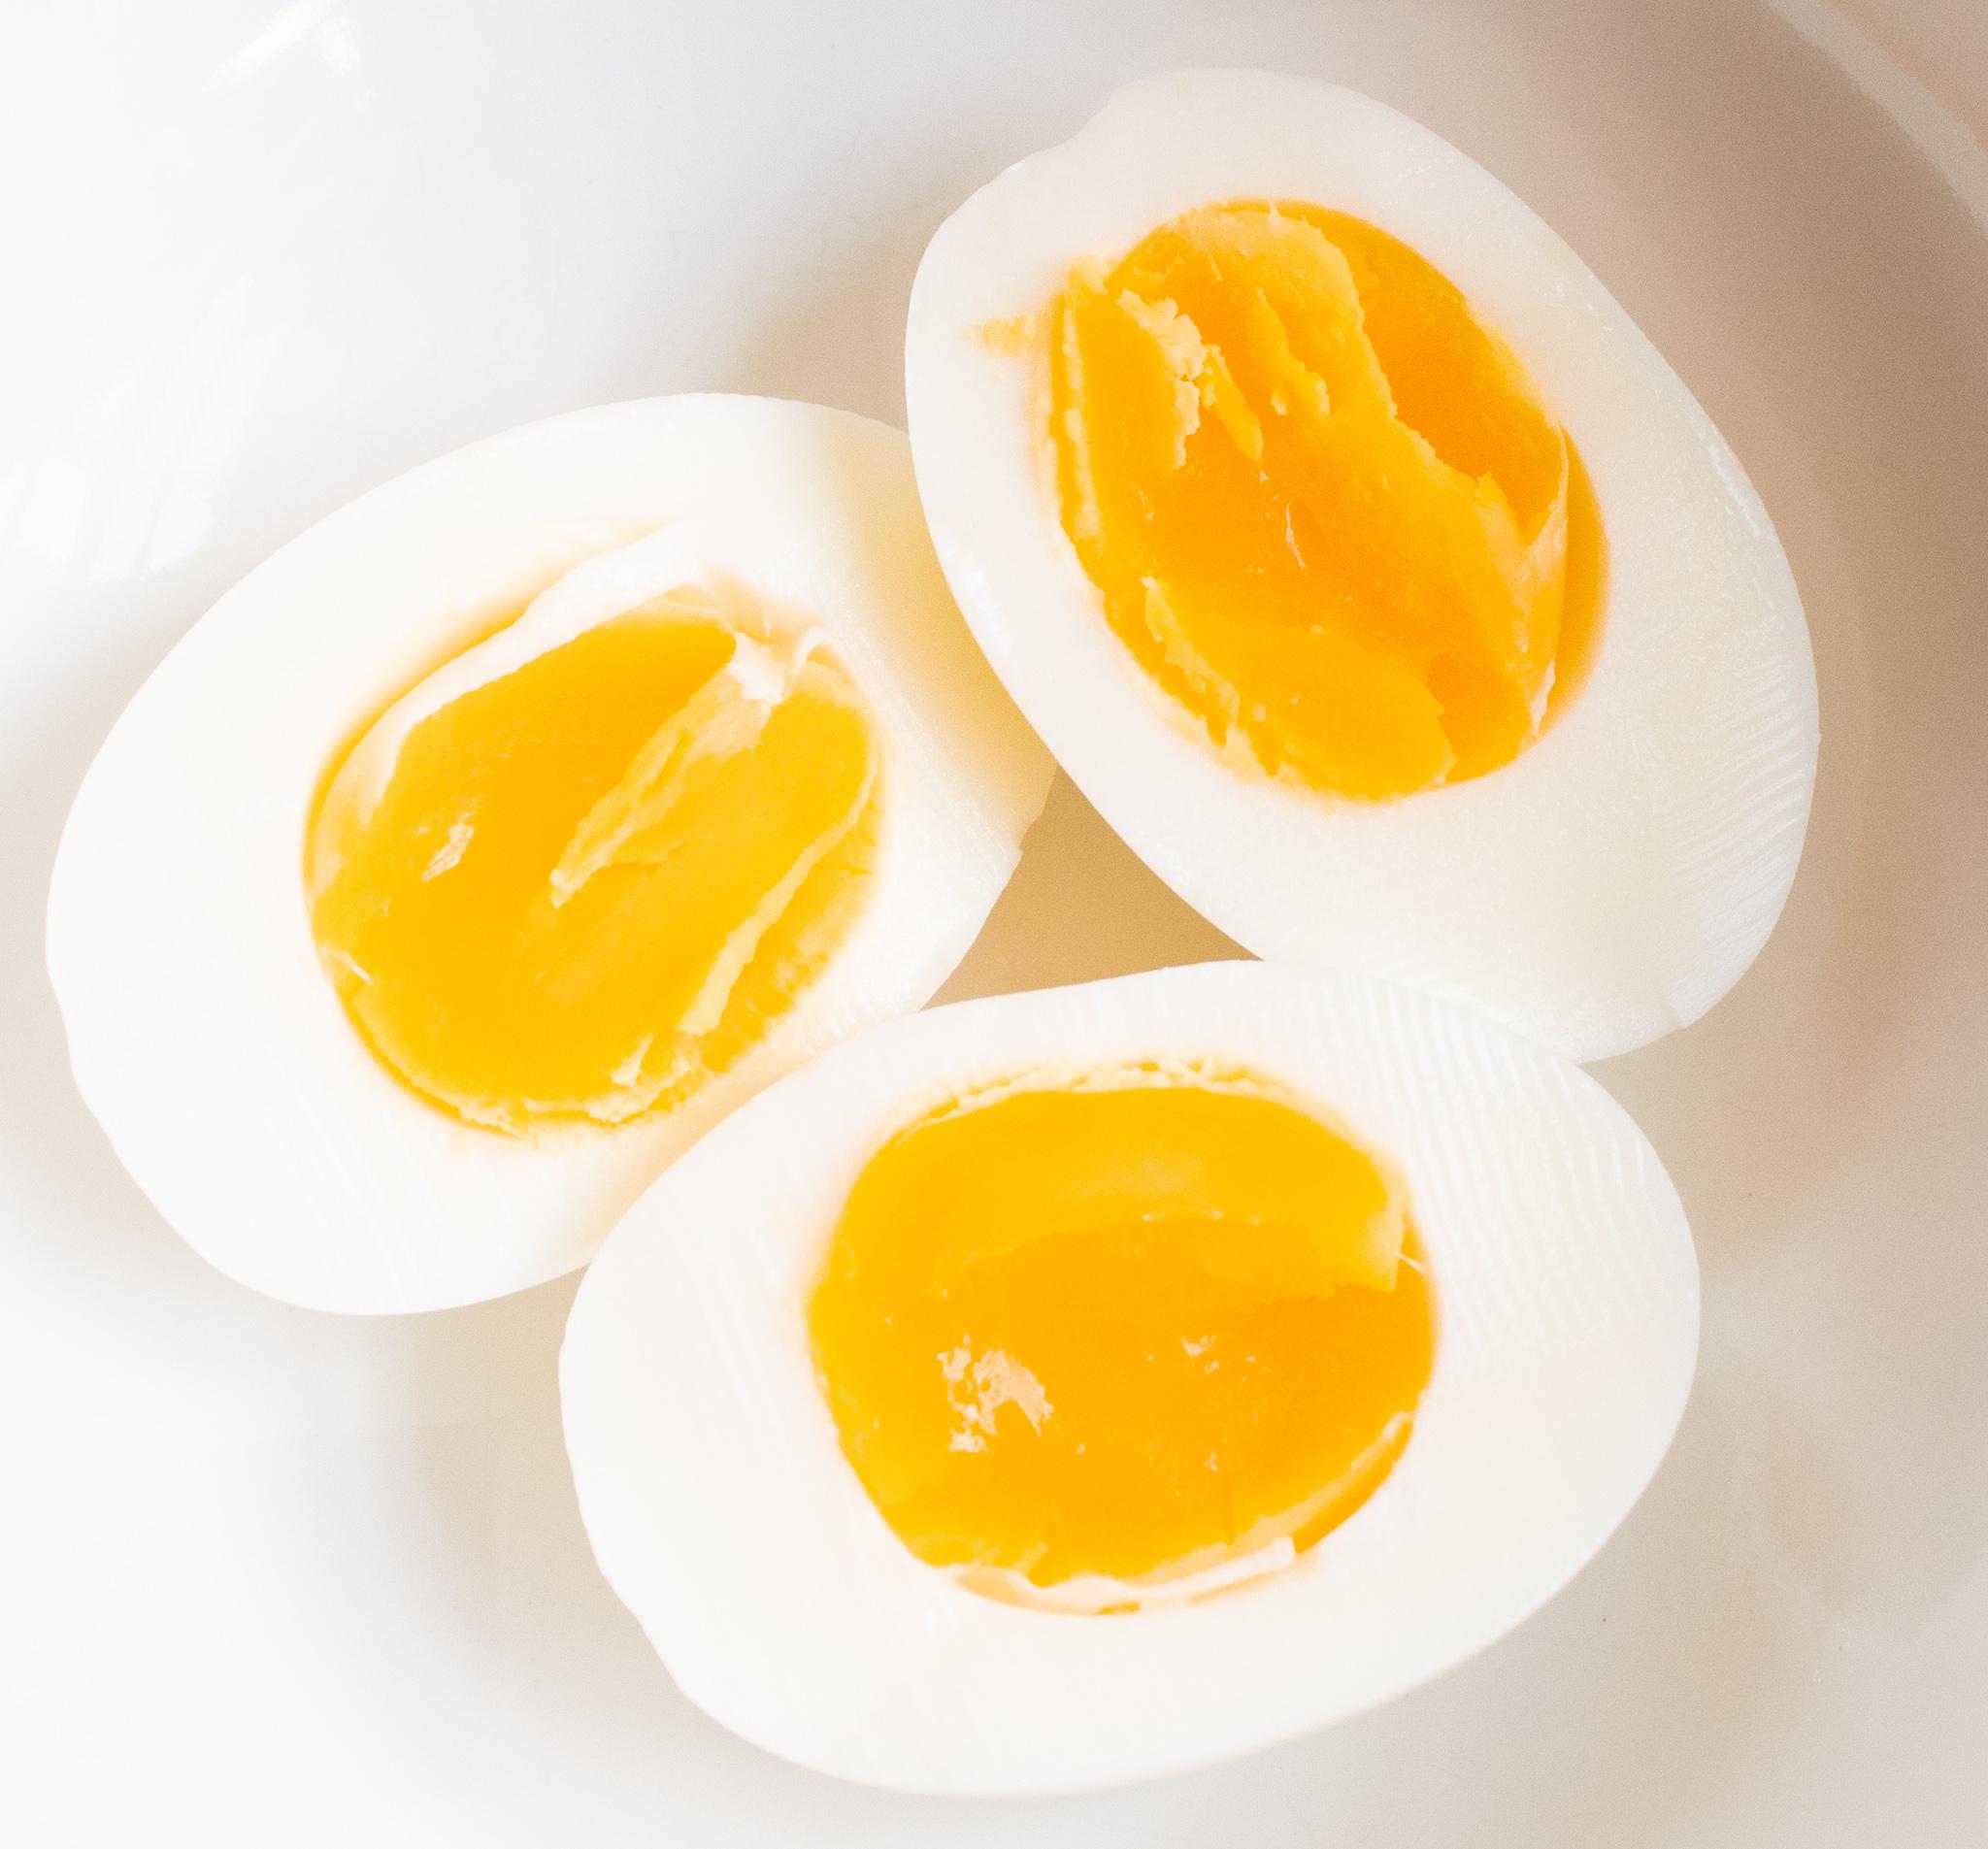 Easy Instant Pot Boiled Eggs